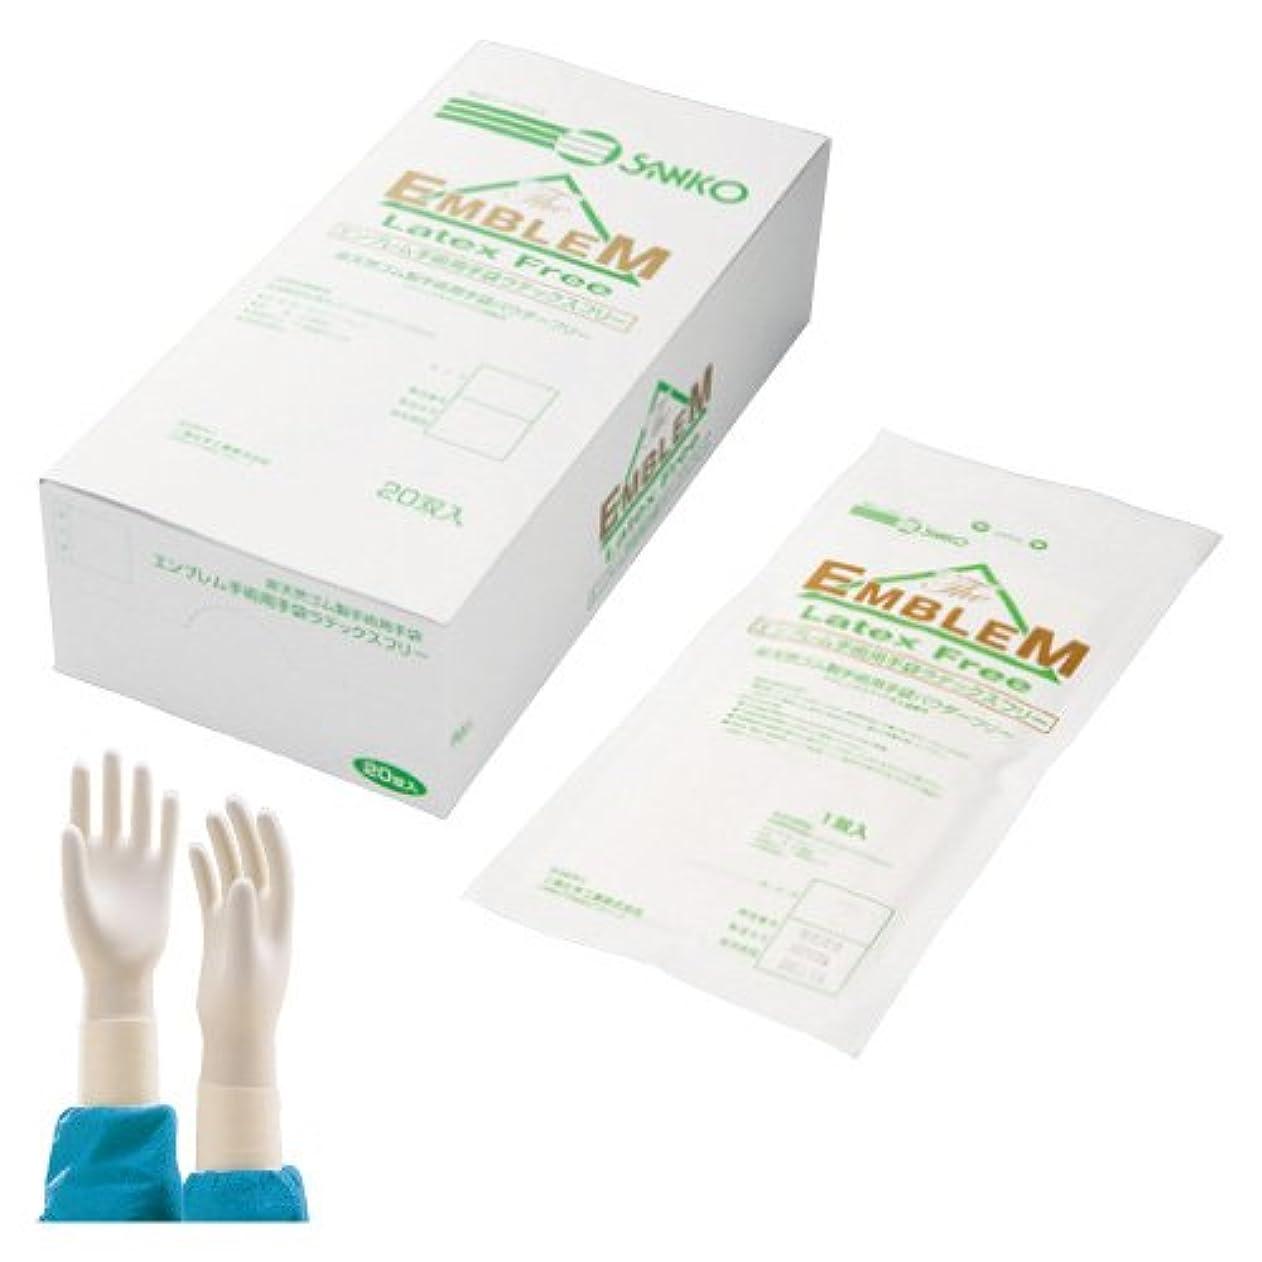 氏虫を数える協力的エンブレム手術用手袋 7.5 <1箱(20双入)>